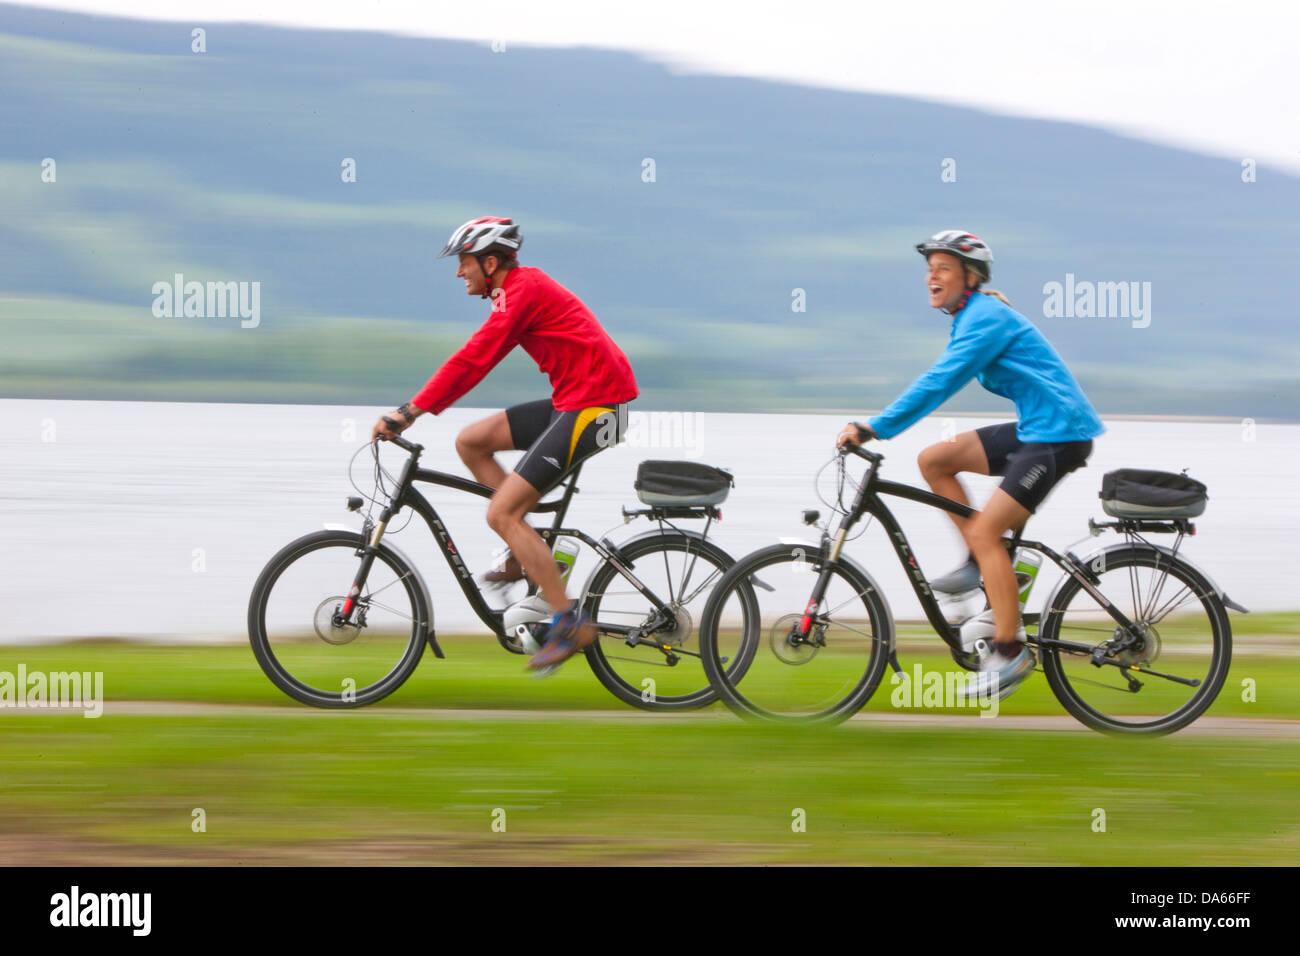 Radtour, Elektro-Rad, Lac de Joux, Fahrrad, Fahrräder, Radfahren, Fahrrad, Tourismus, Urlaub, Kanton, VD, Waadt, Stockbild